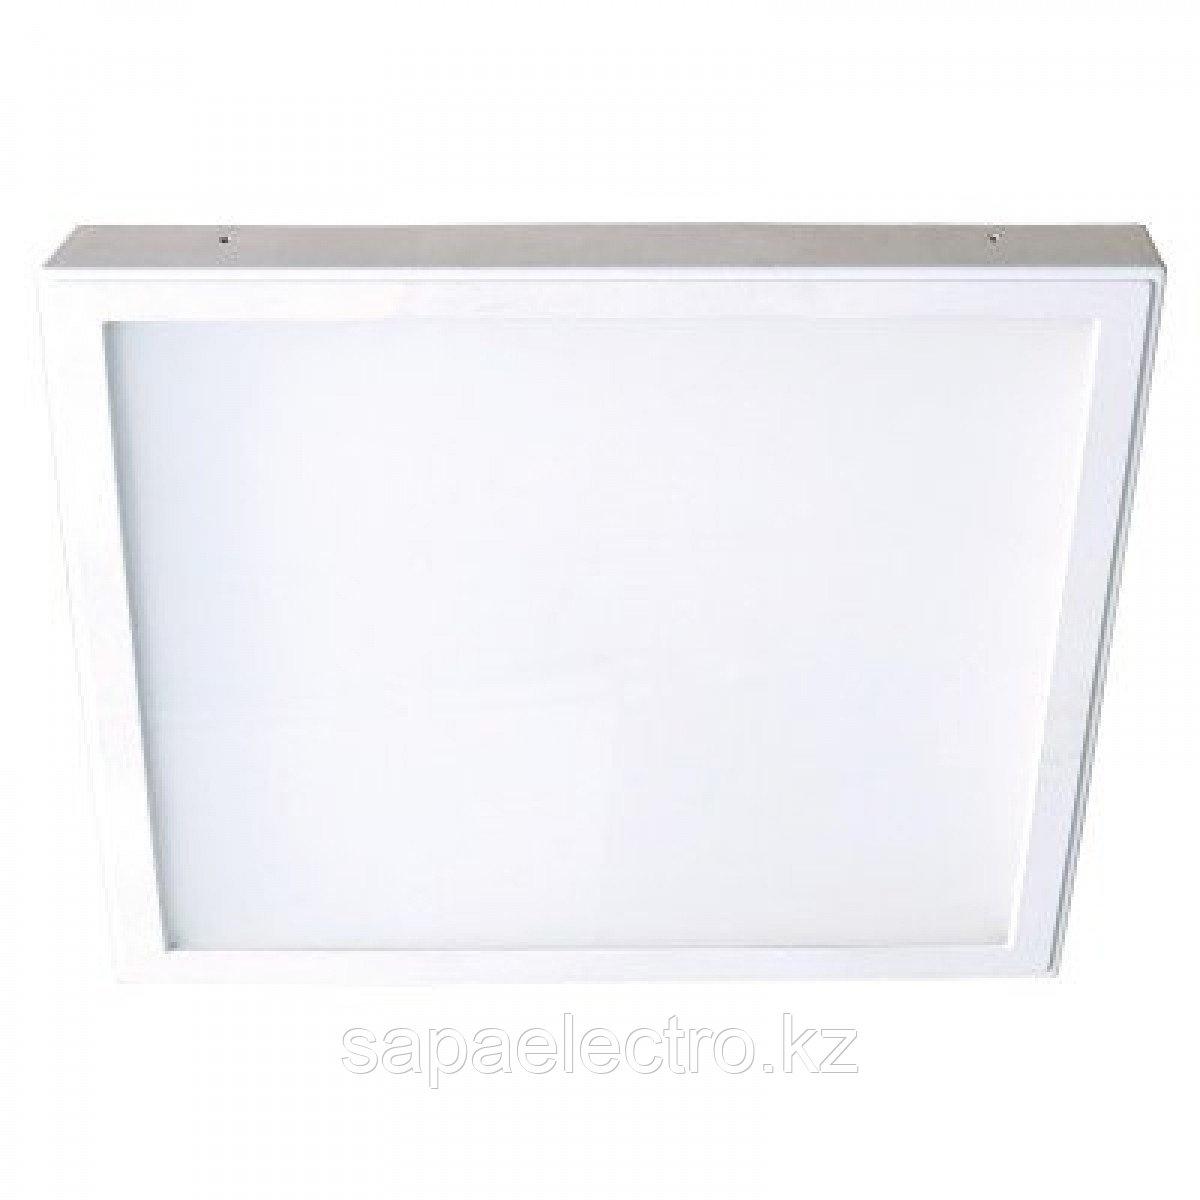 Св-к LED ULS PANEL 48W WHITE  600X600 3000K MGL (TS